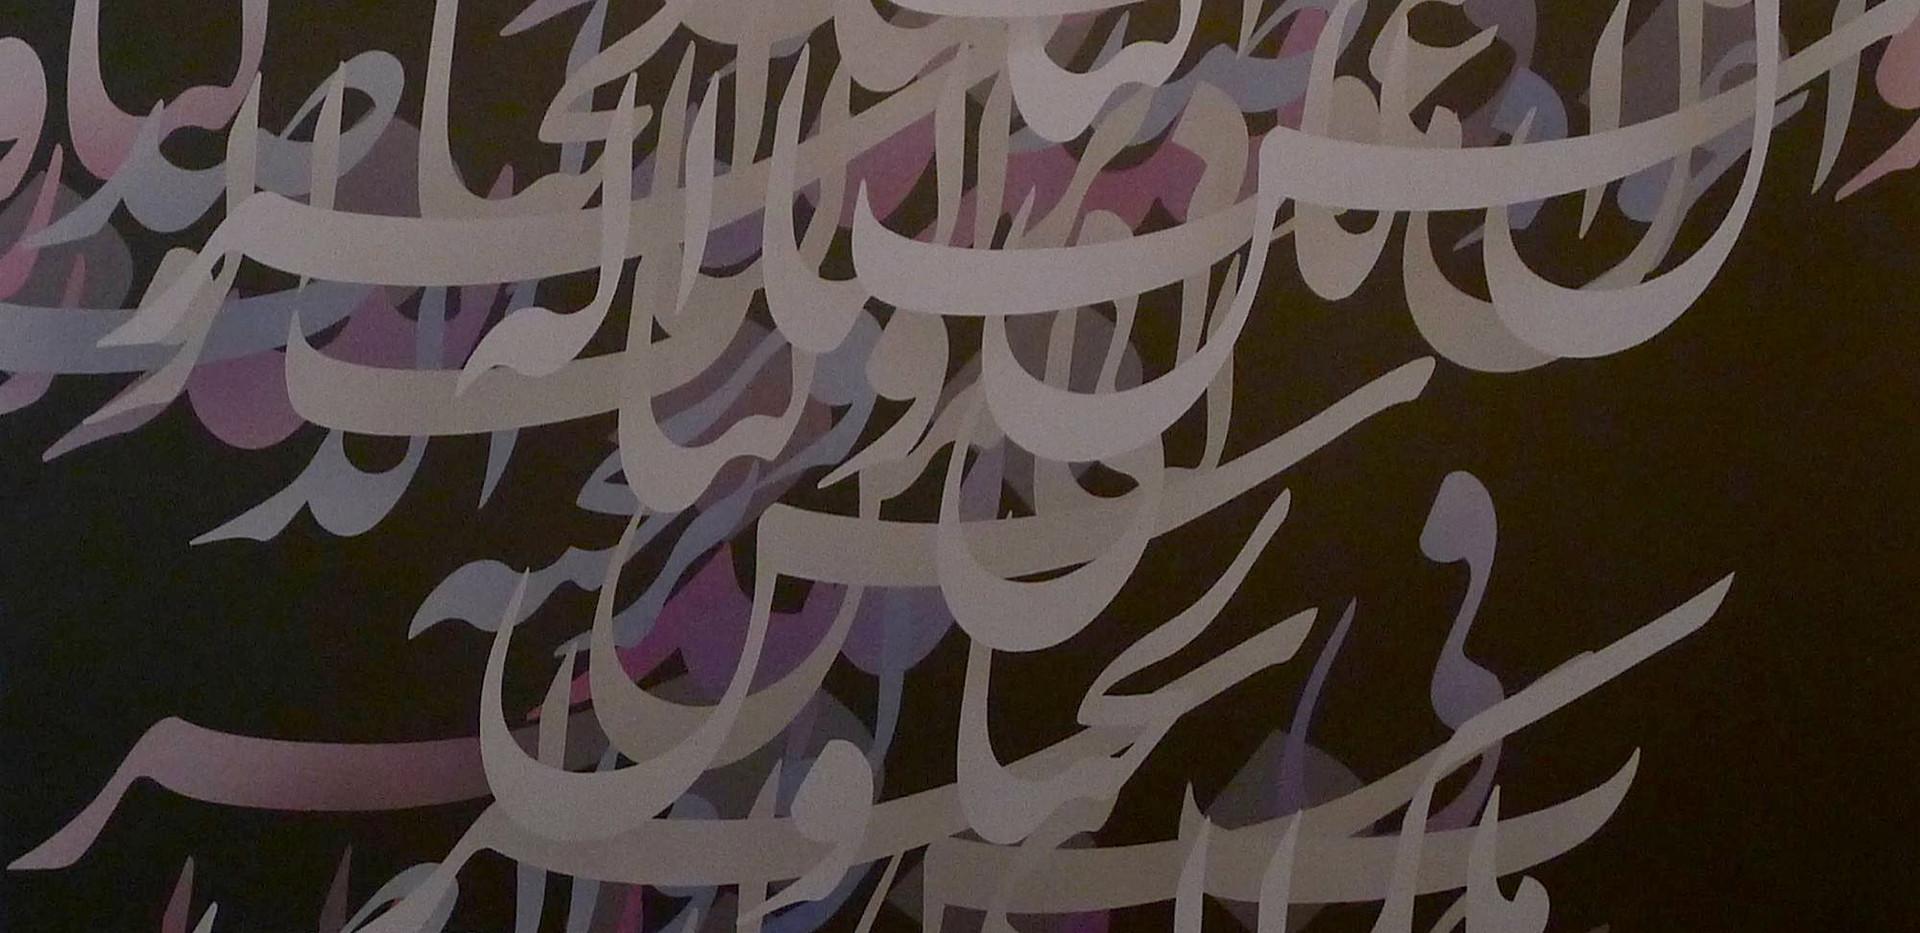 Karam Ali Shirazi Nas Sura Quran Acrylic on canvas 150 x 150 cm